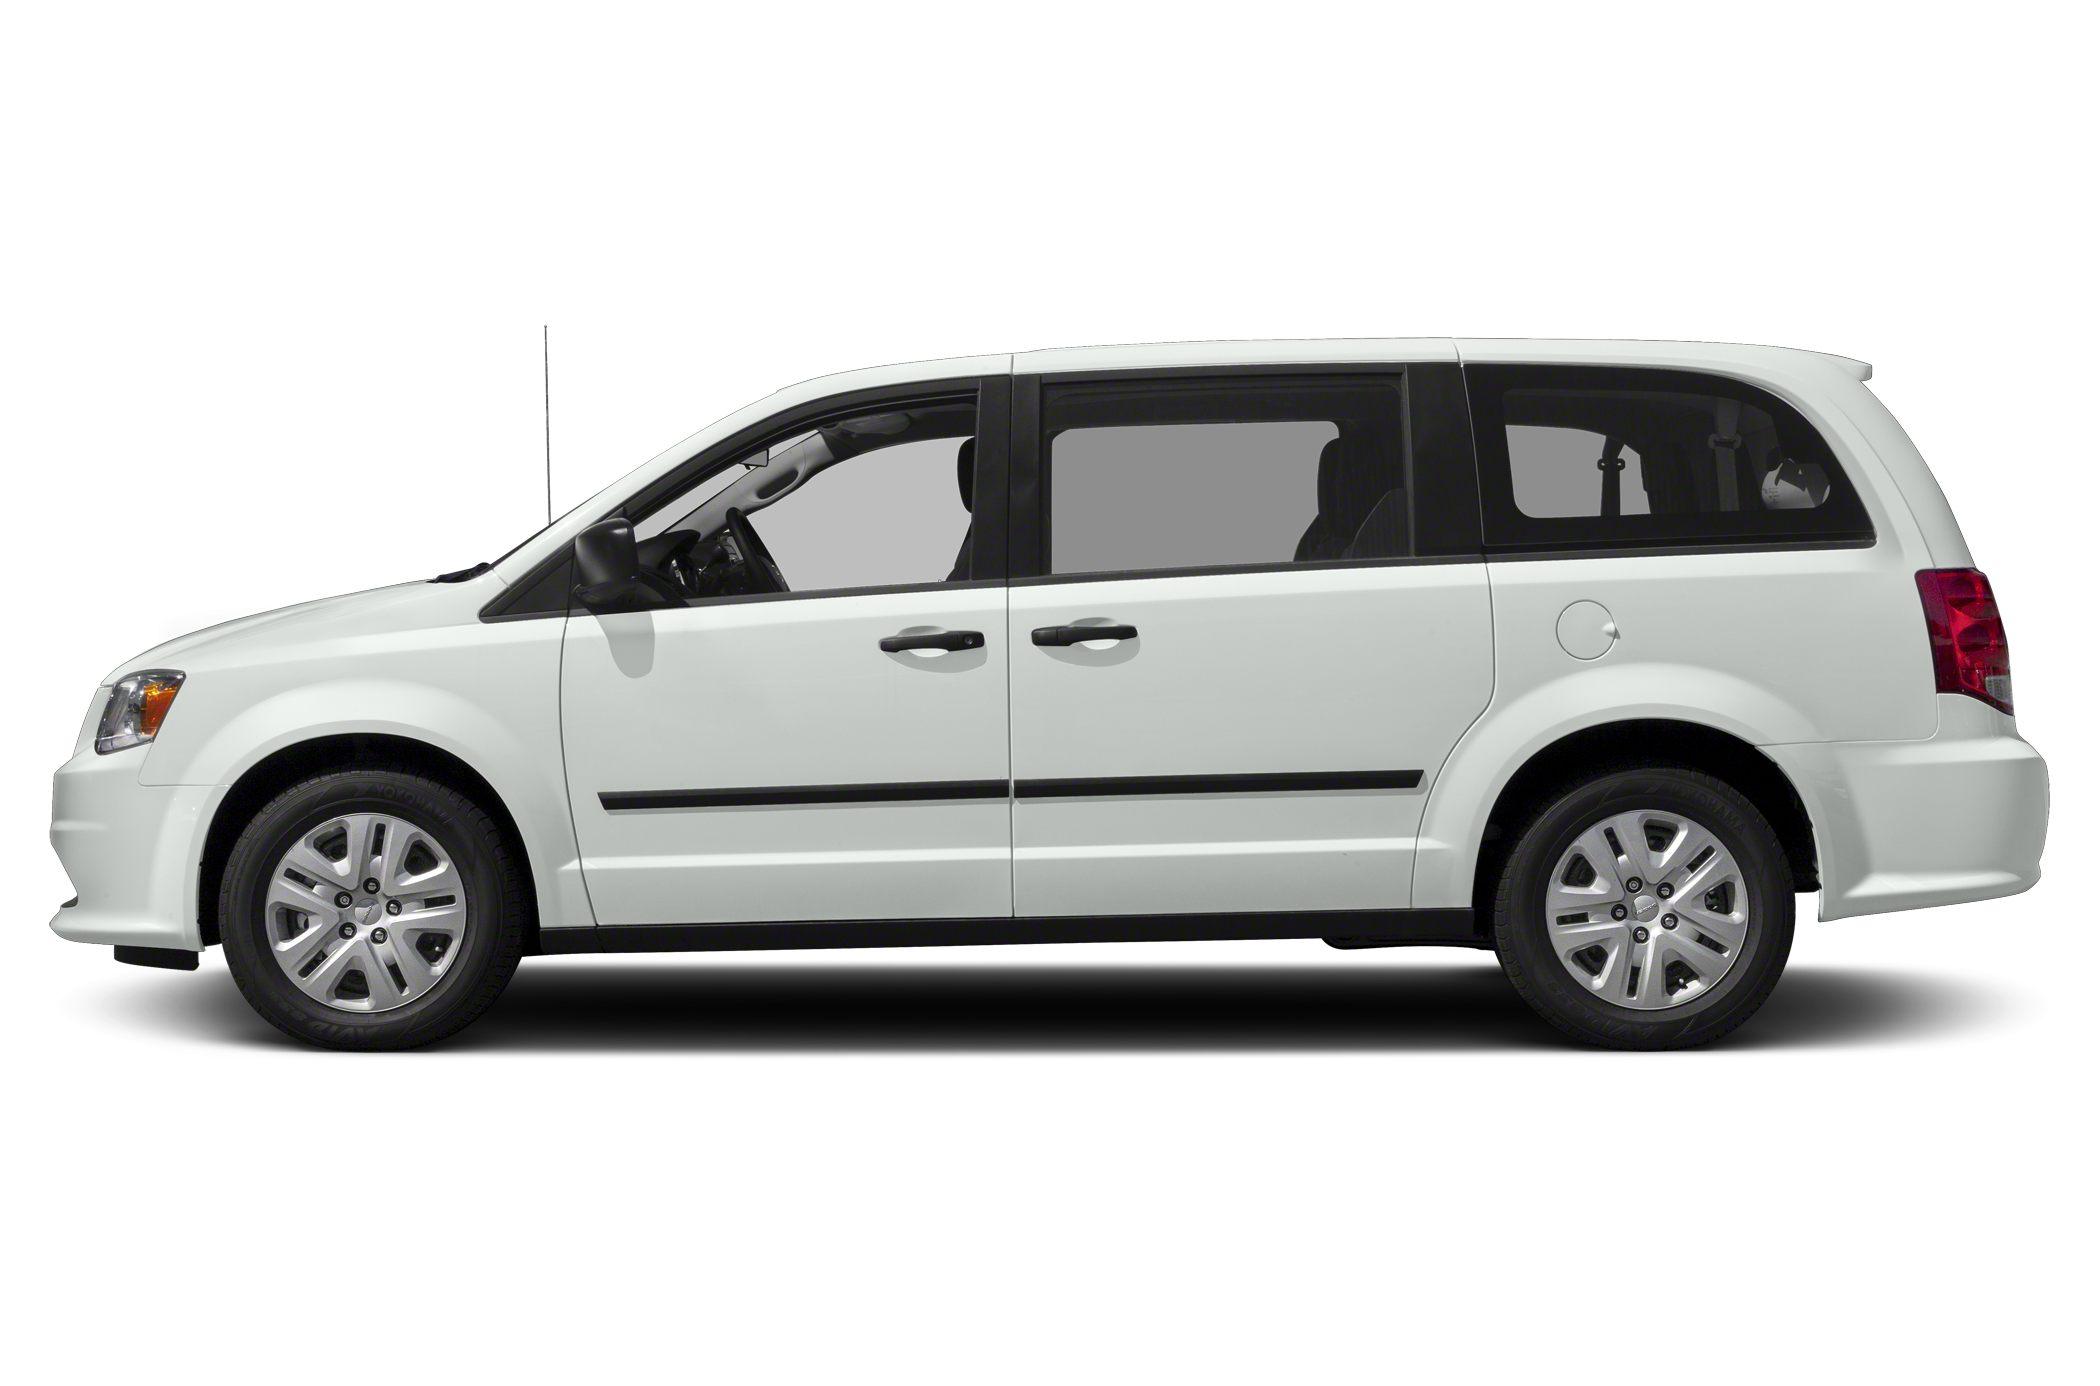 Dodge Grand Caravan Passenger Van Models Price Specs